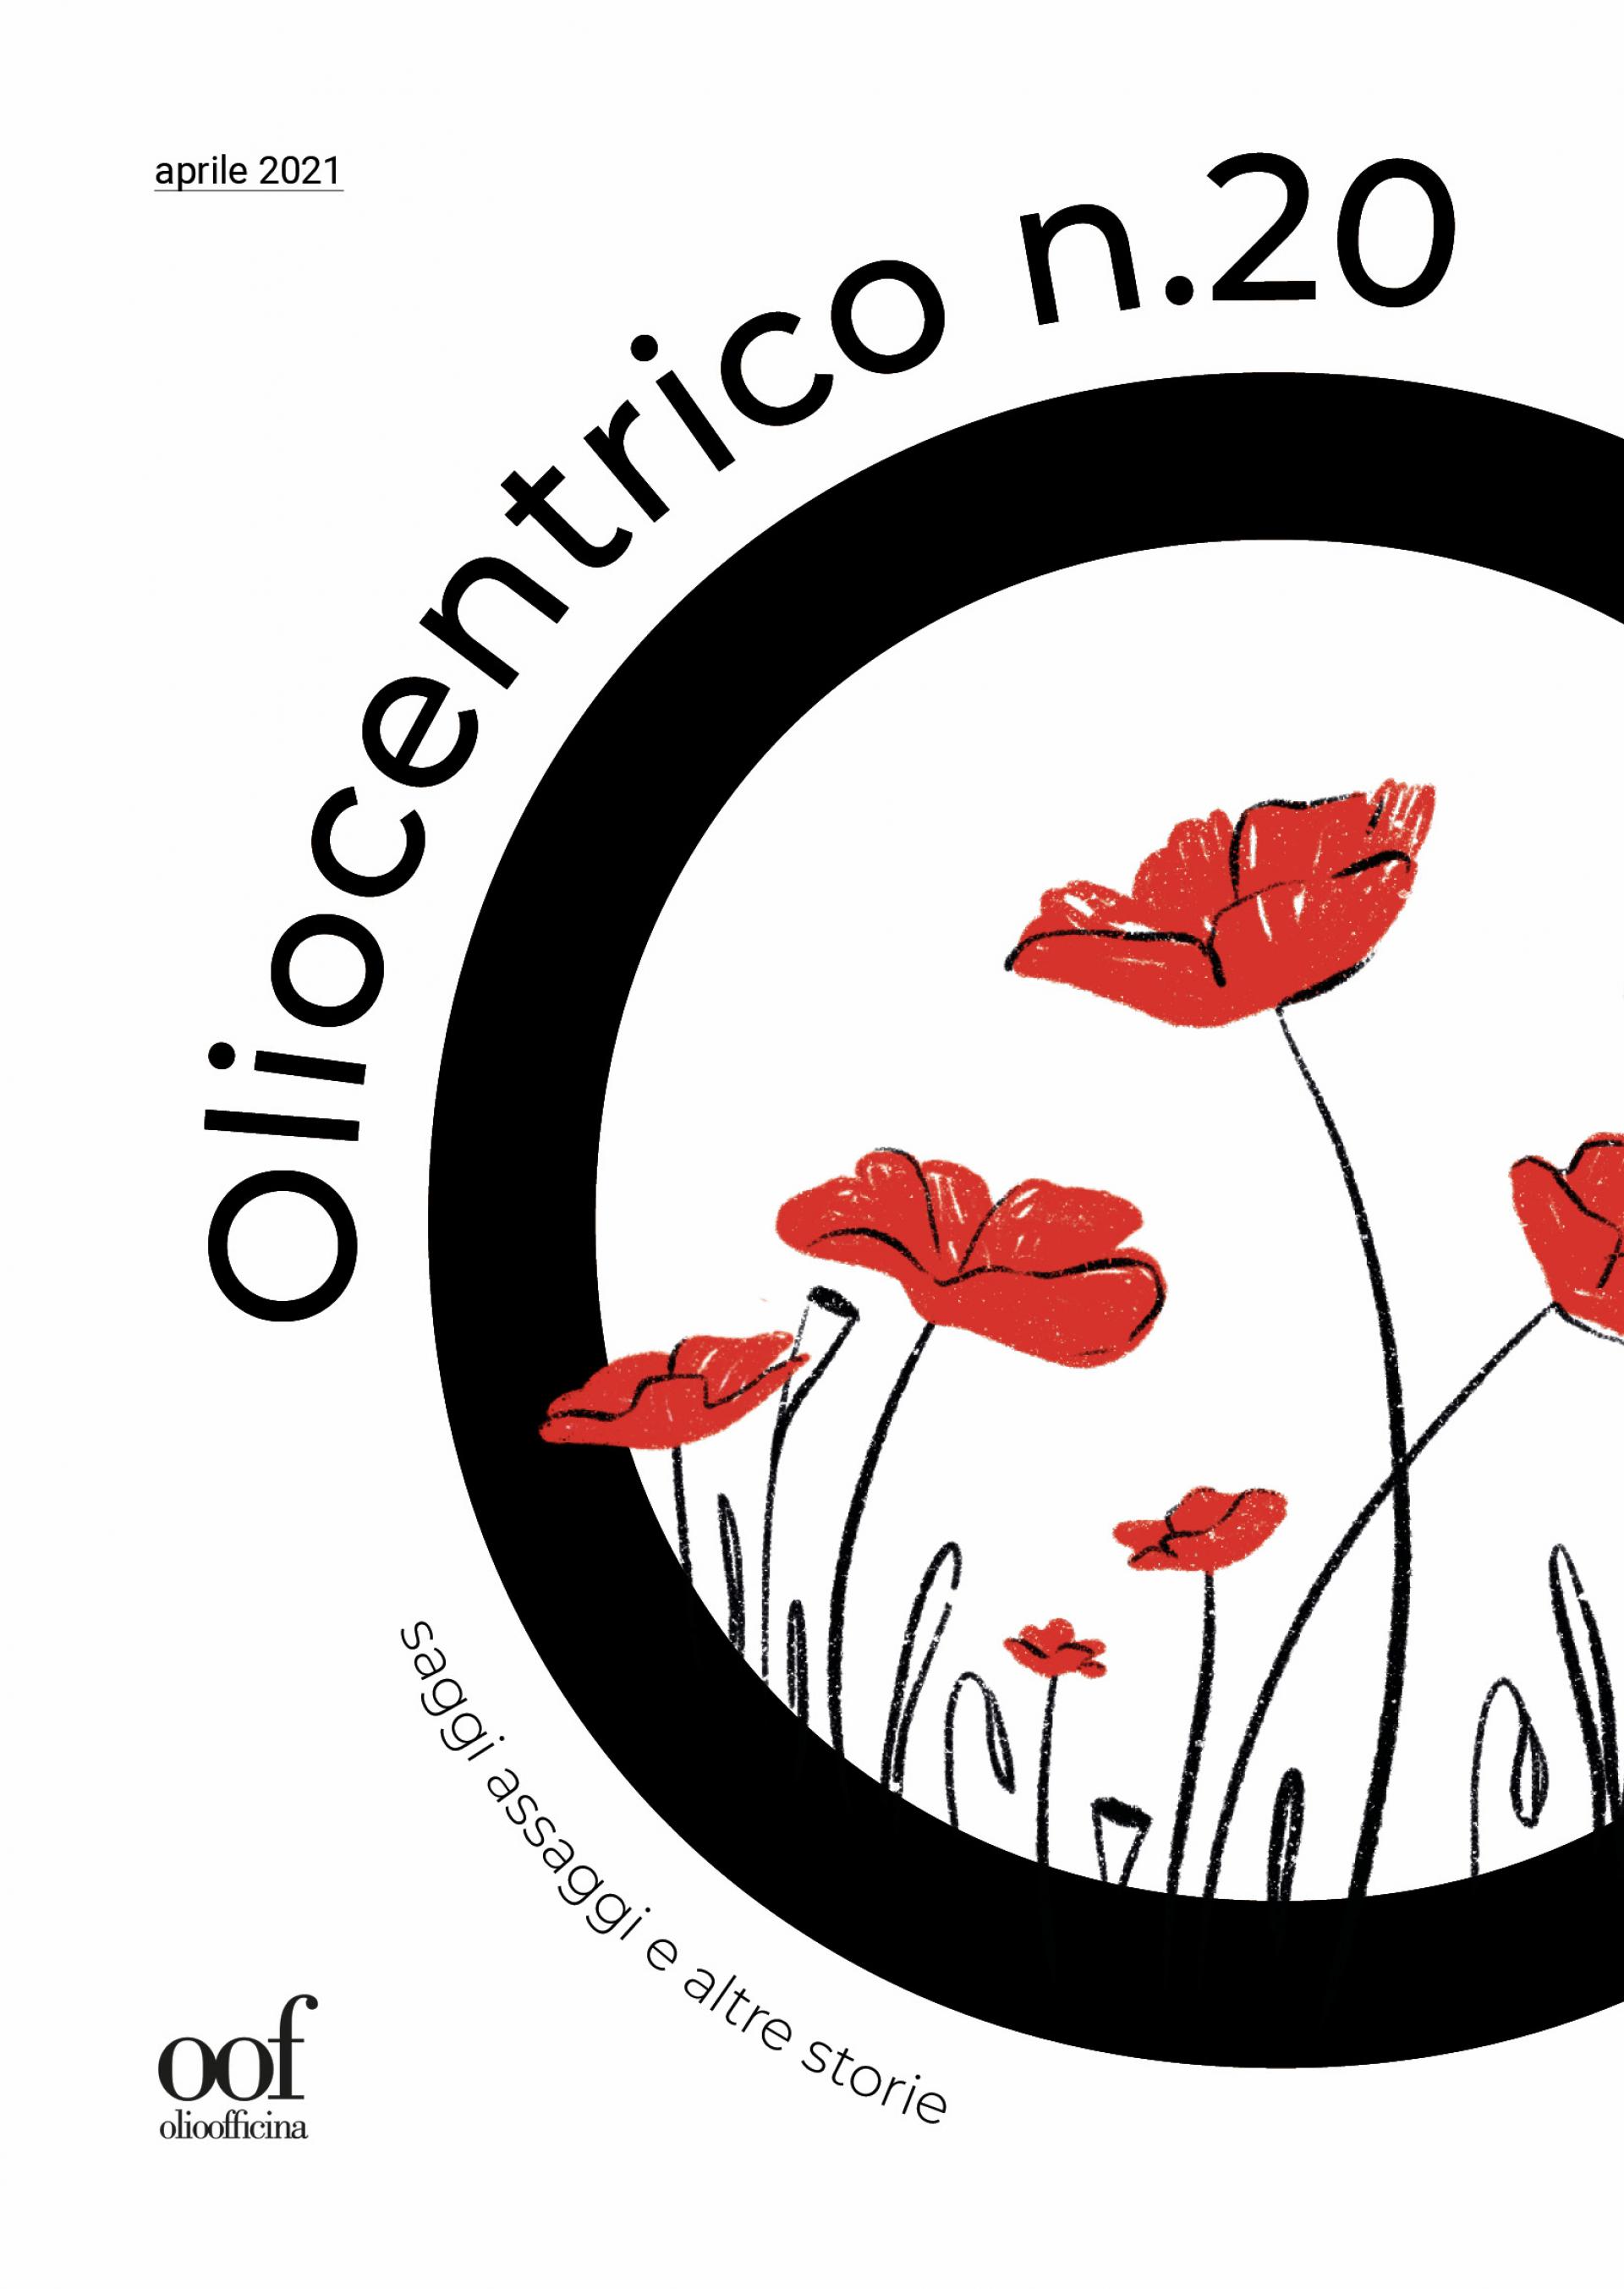 Oliocentrico N. 20